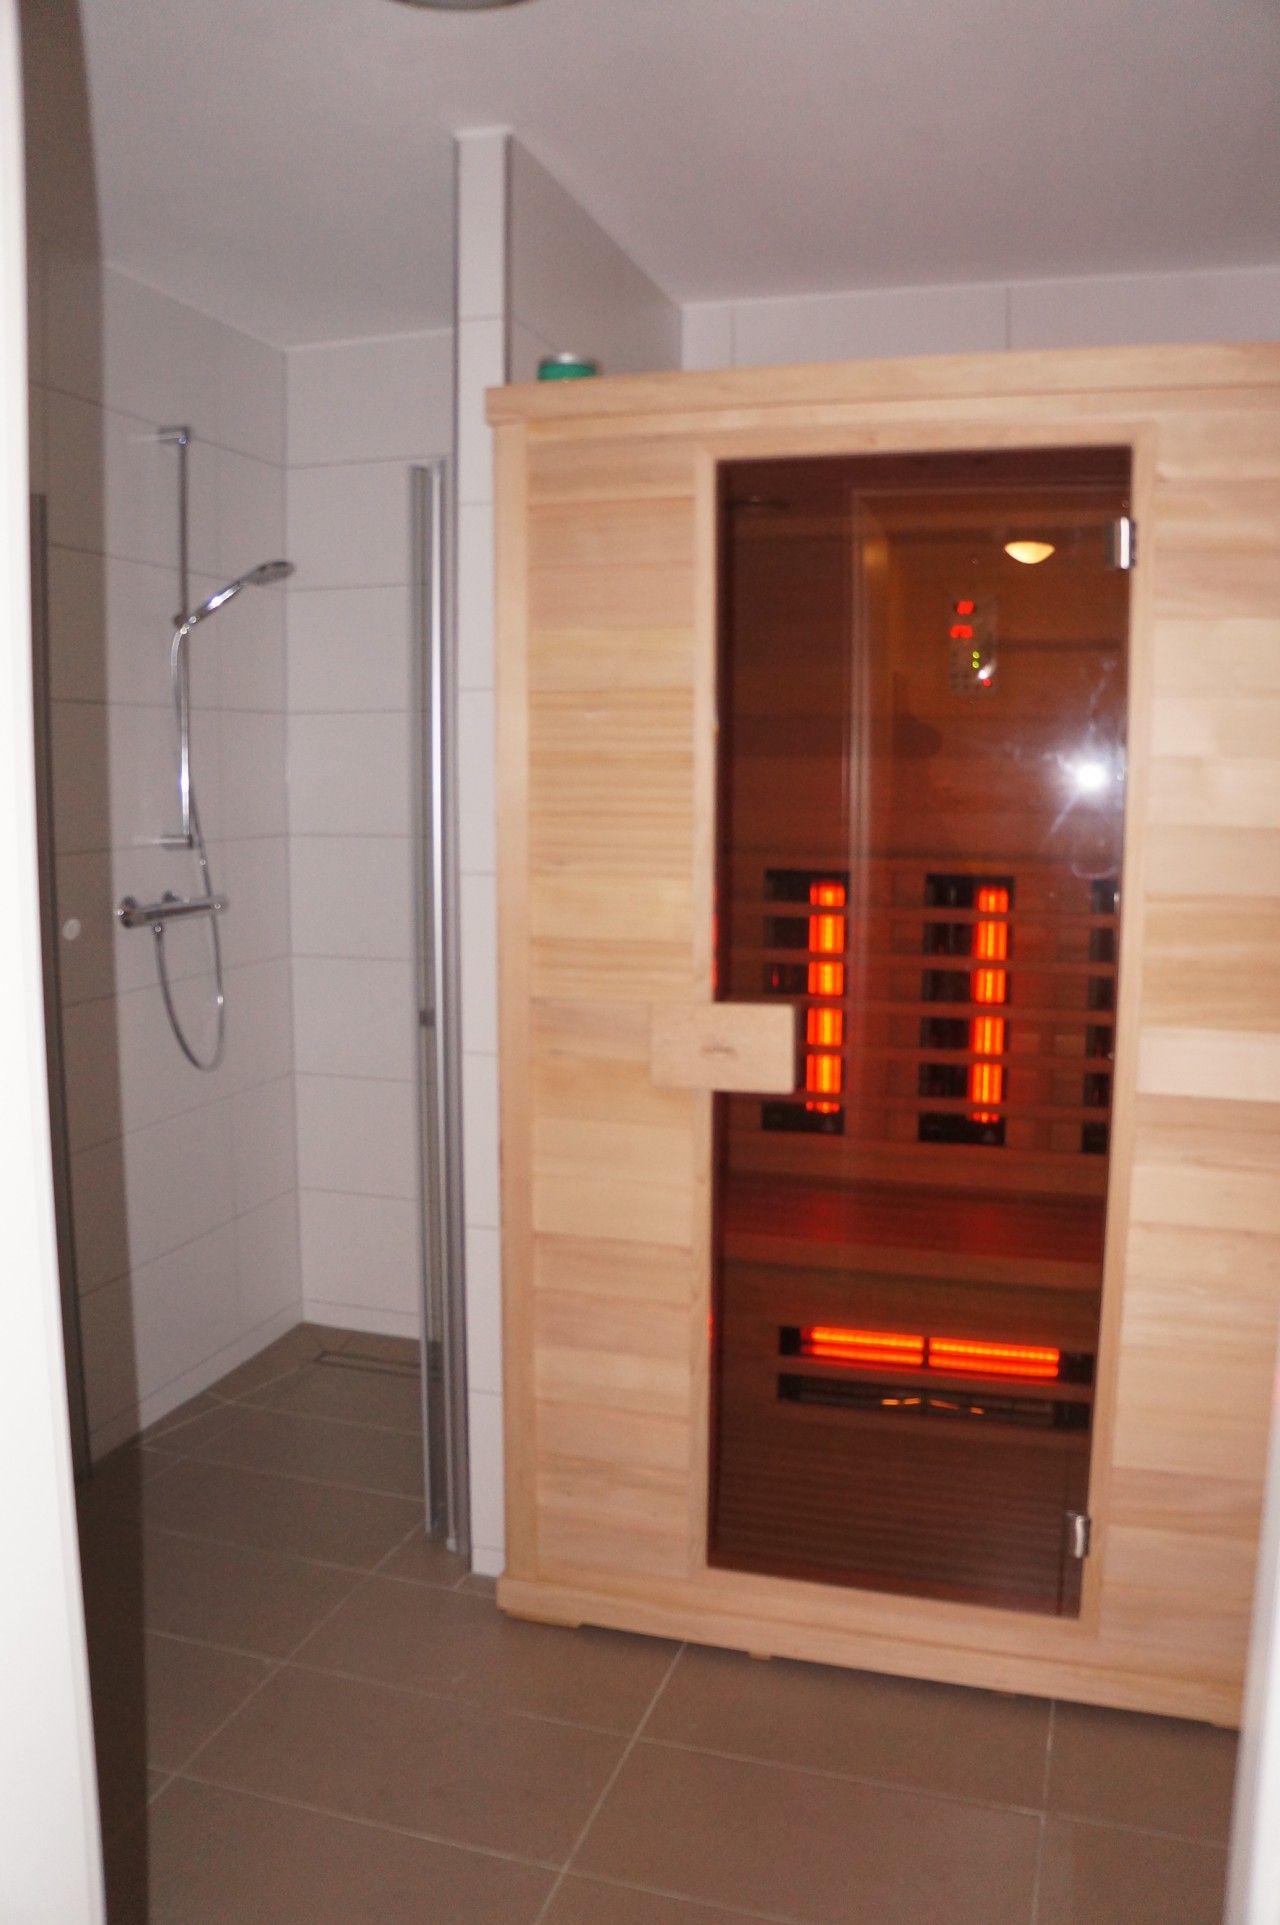 infrarood sauna in badkamer - Google zoeken | Badkamer | Pinterest